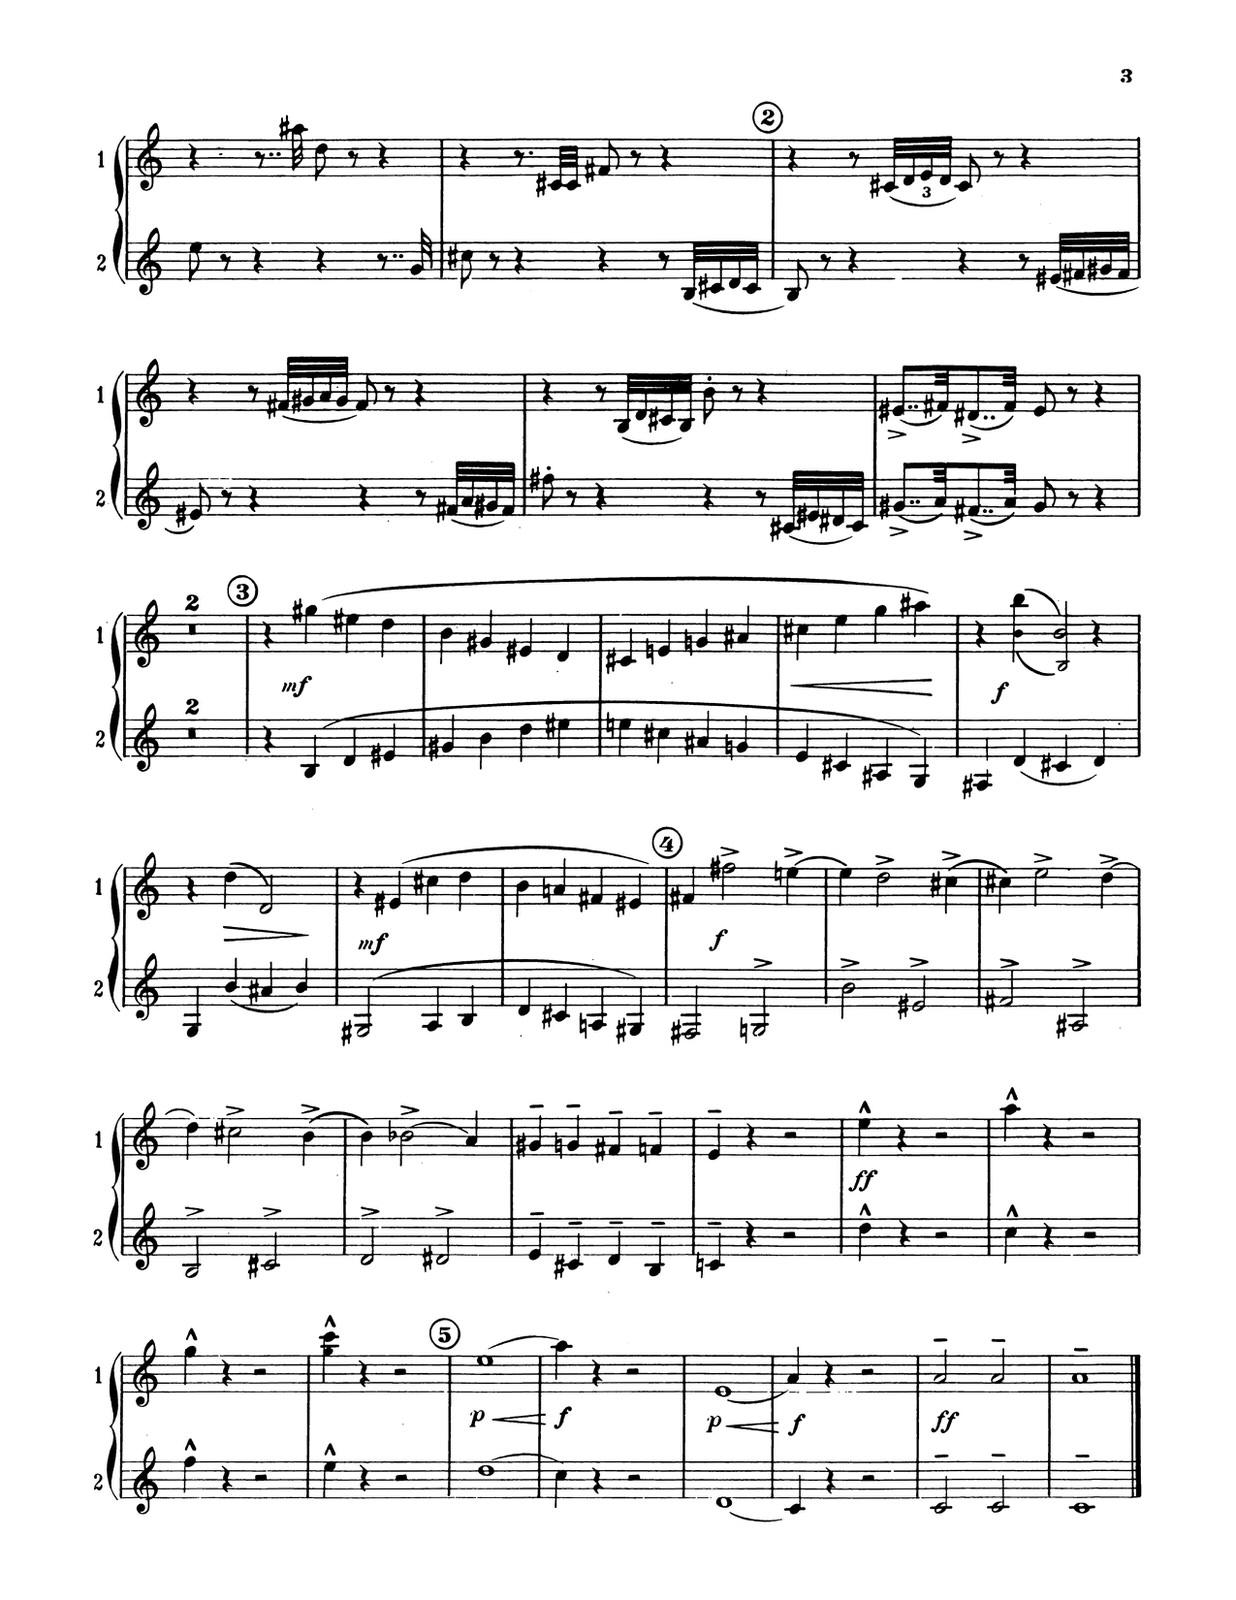 Porret, Julien, 12 Progressive Duos for Trumpet-p03